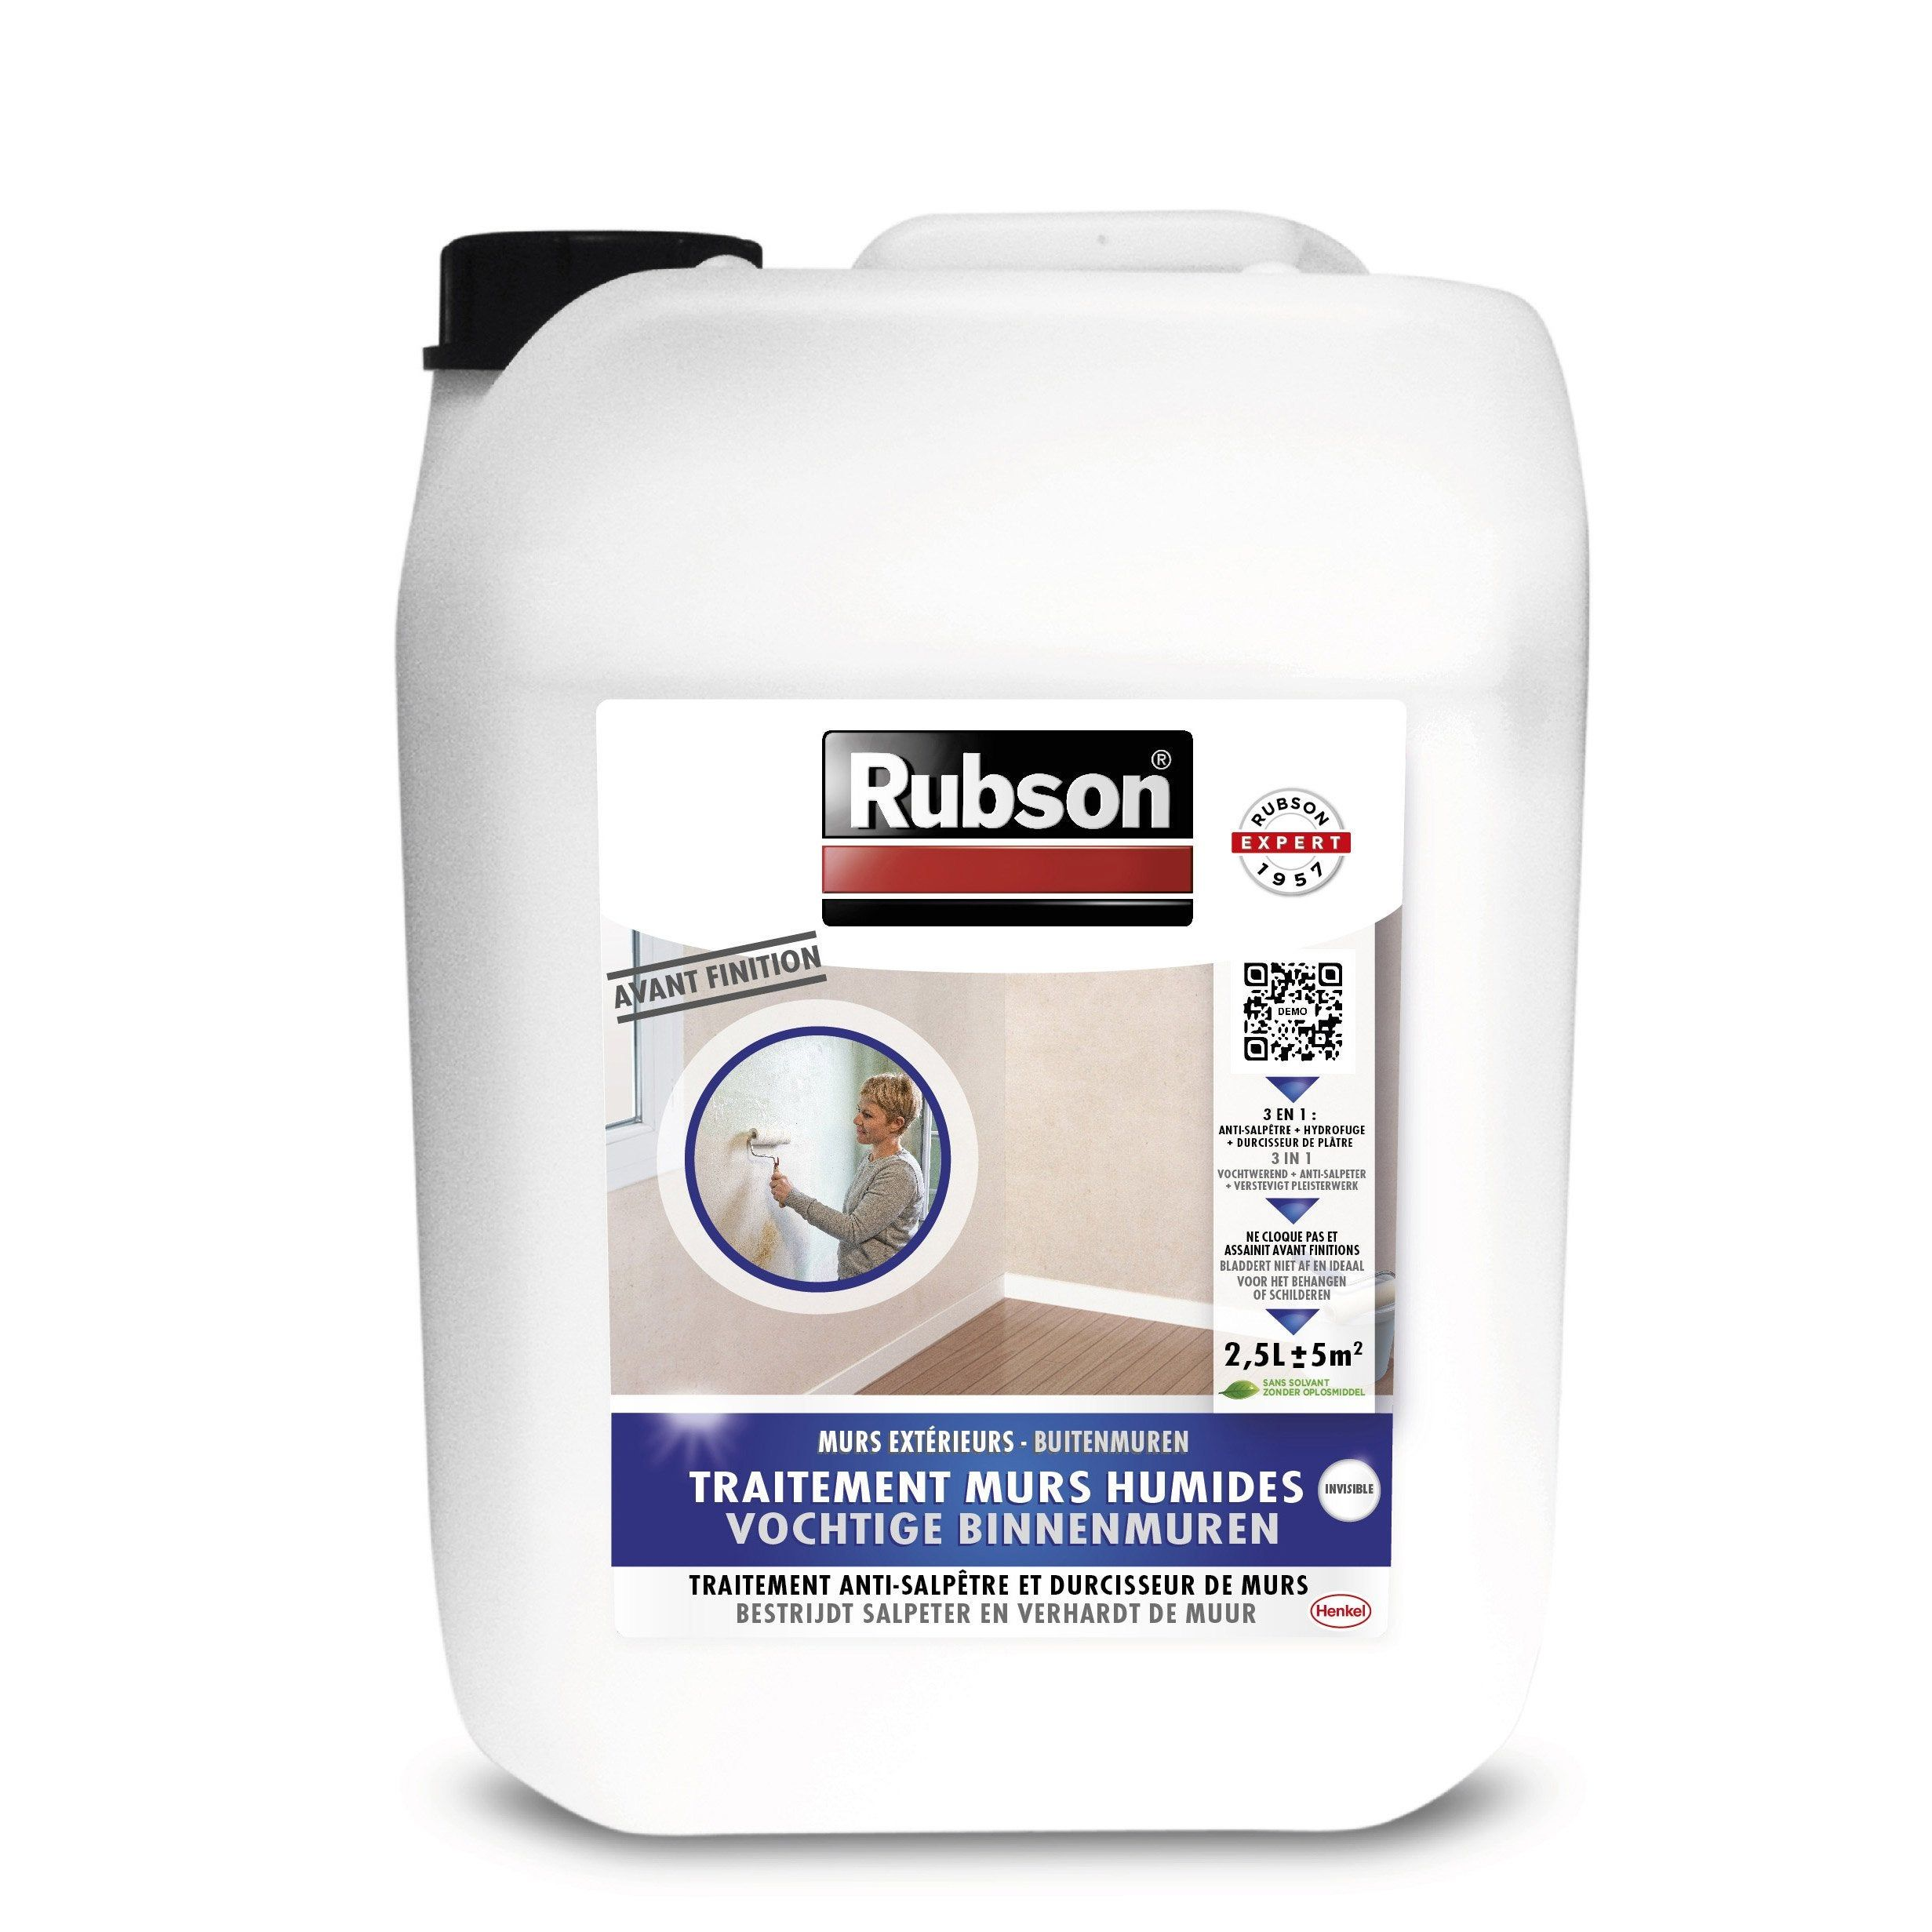 Traitement Antisalpetre Stop Salpetre Rubson Incolore 2 5 L Salpetre Mur Peinture Anti Humidite Et Salpetre